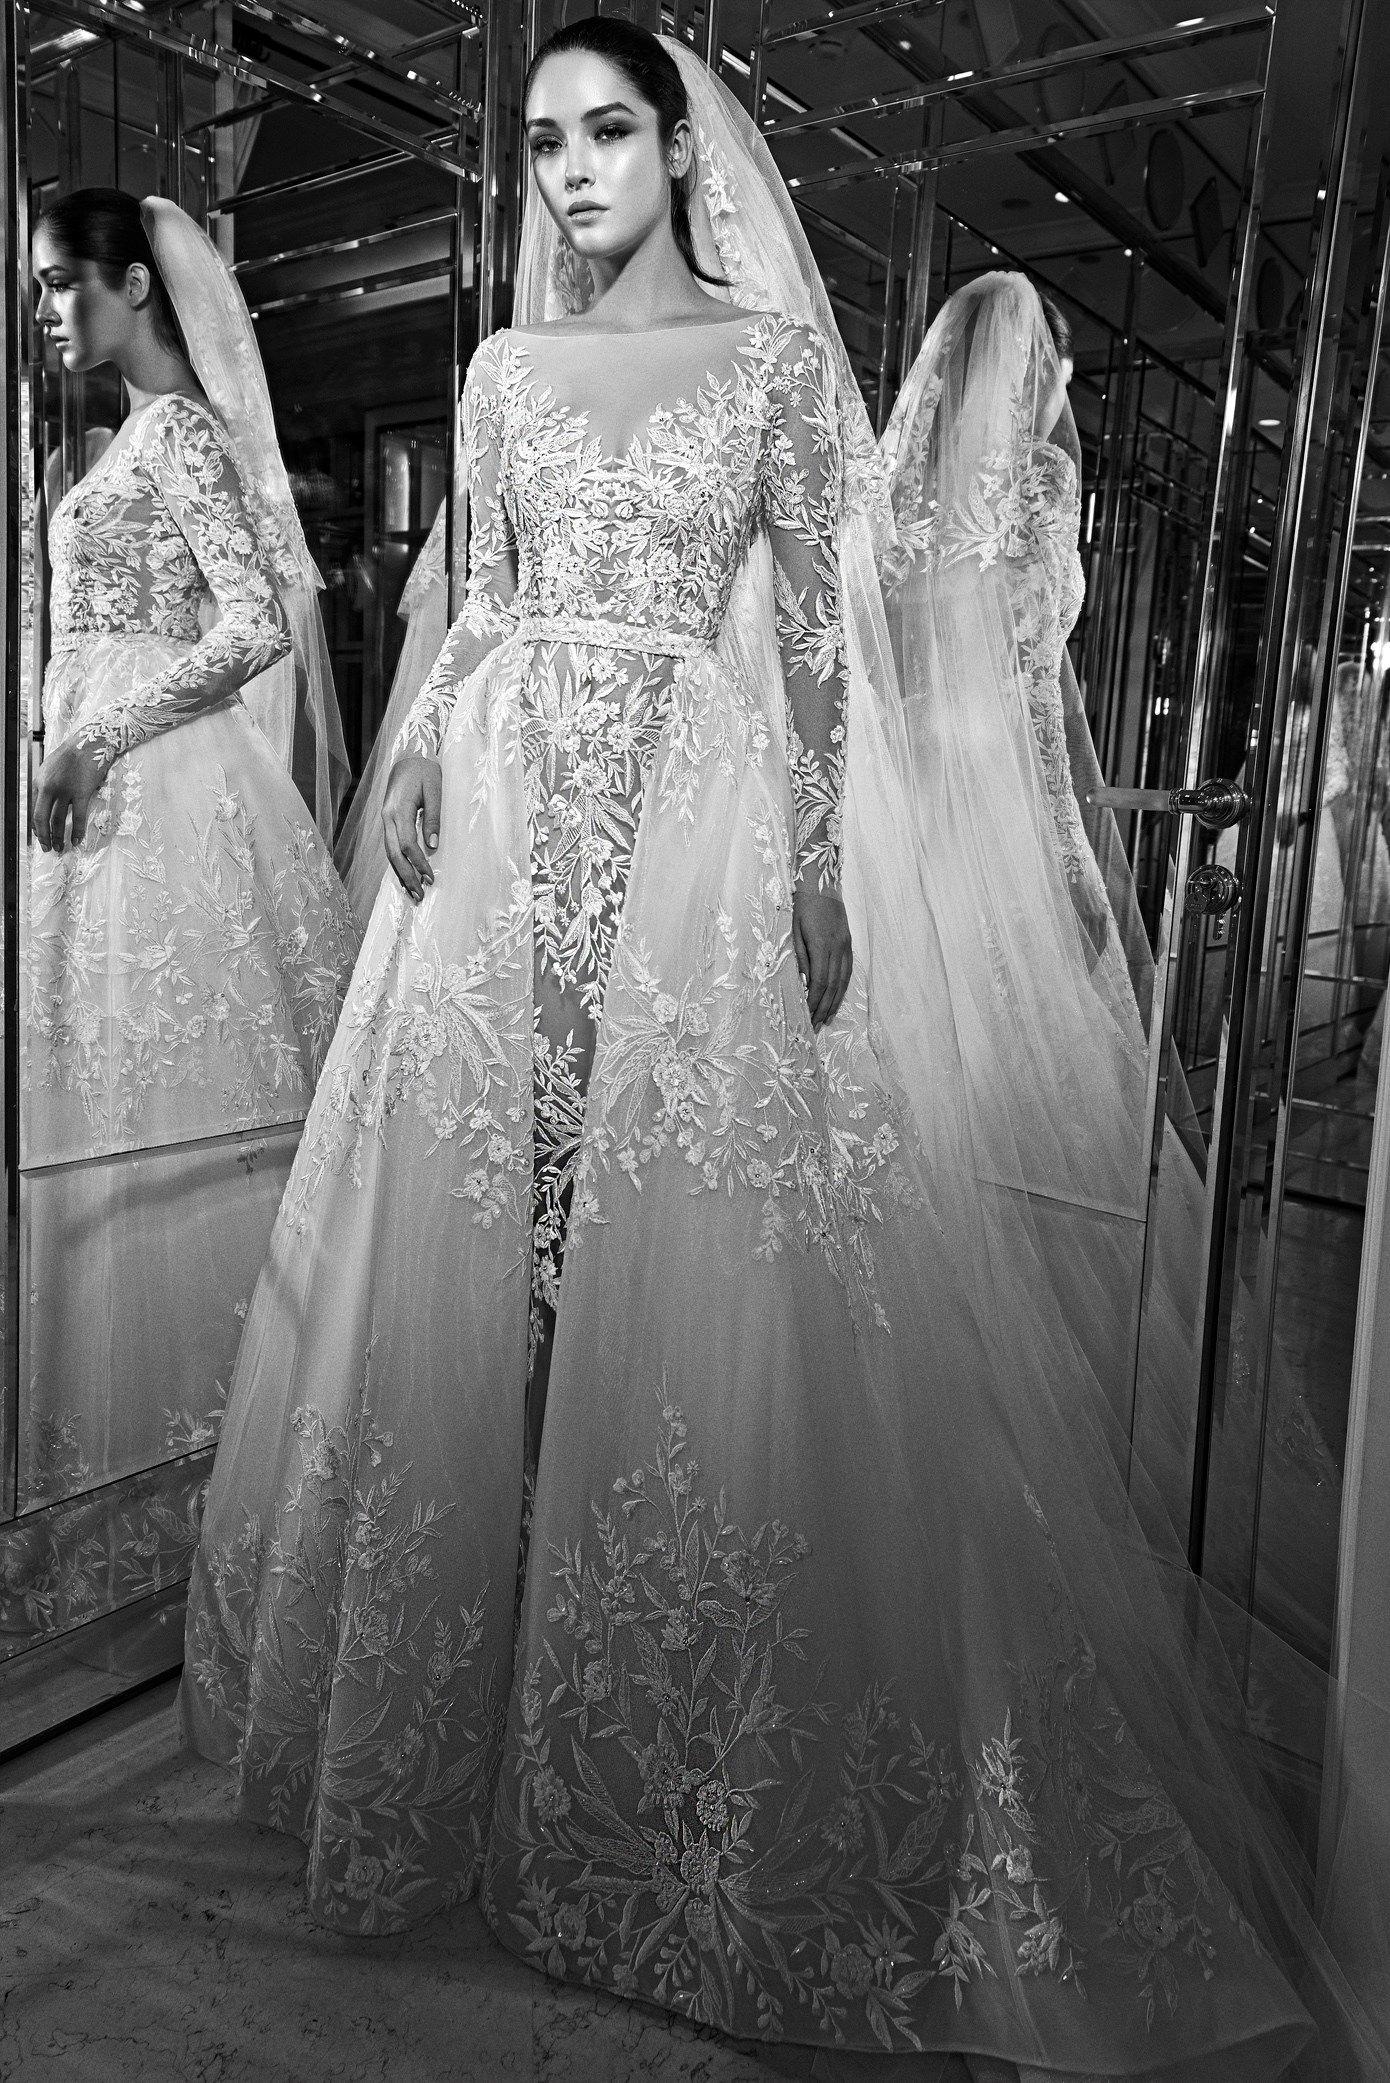 Zuhair Murad Fall 2017 Vanessa With Overskirt L Elite Bridal Boston 617 424 1010